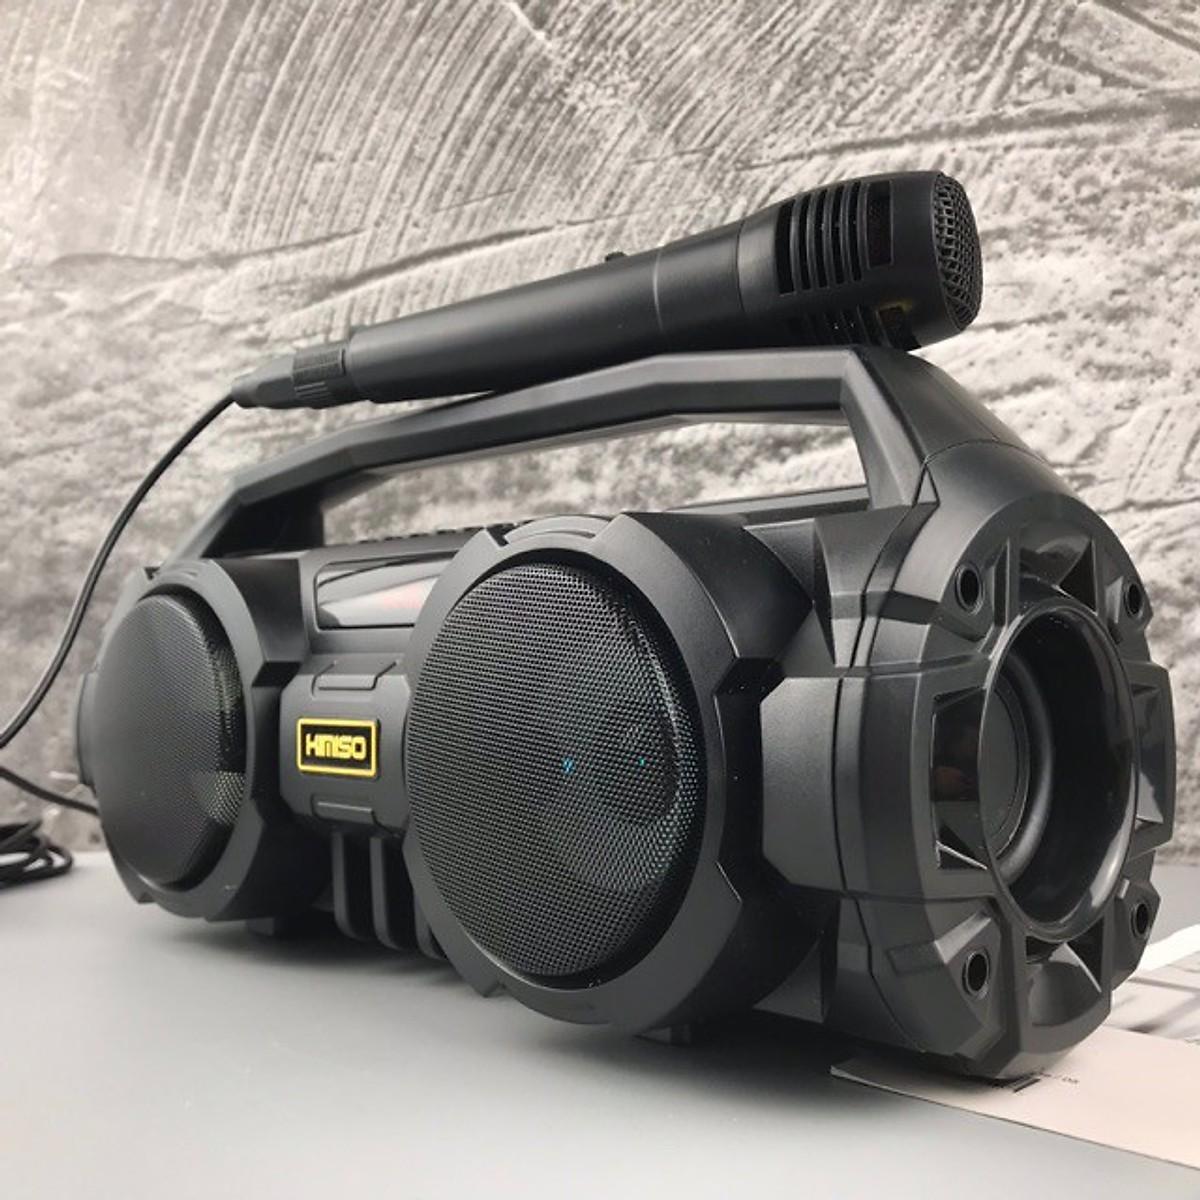 Loa Karaoke Bluetooth Xách Tay KM-S1 (Đen) Tặng Kèm 1 Mic Hát Có Dây Cắm Trực Tiếp, Bass Không Dây, Đèn Led Sống Động - GD195